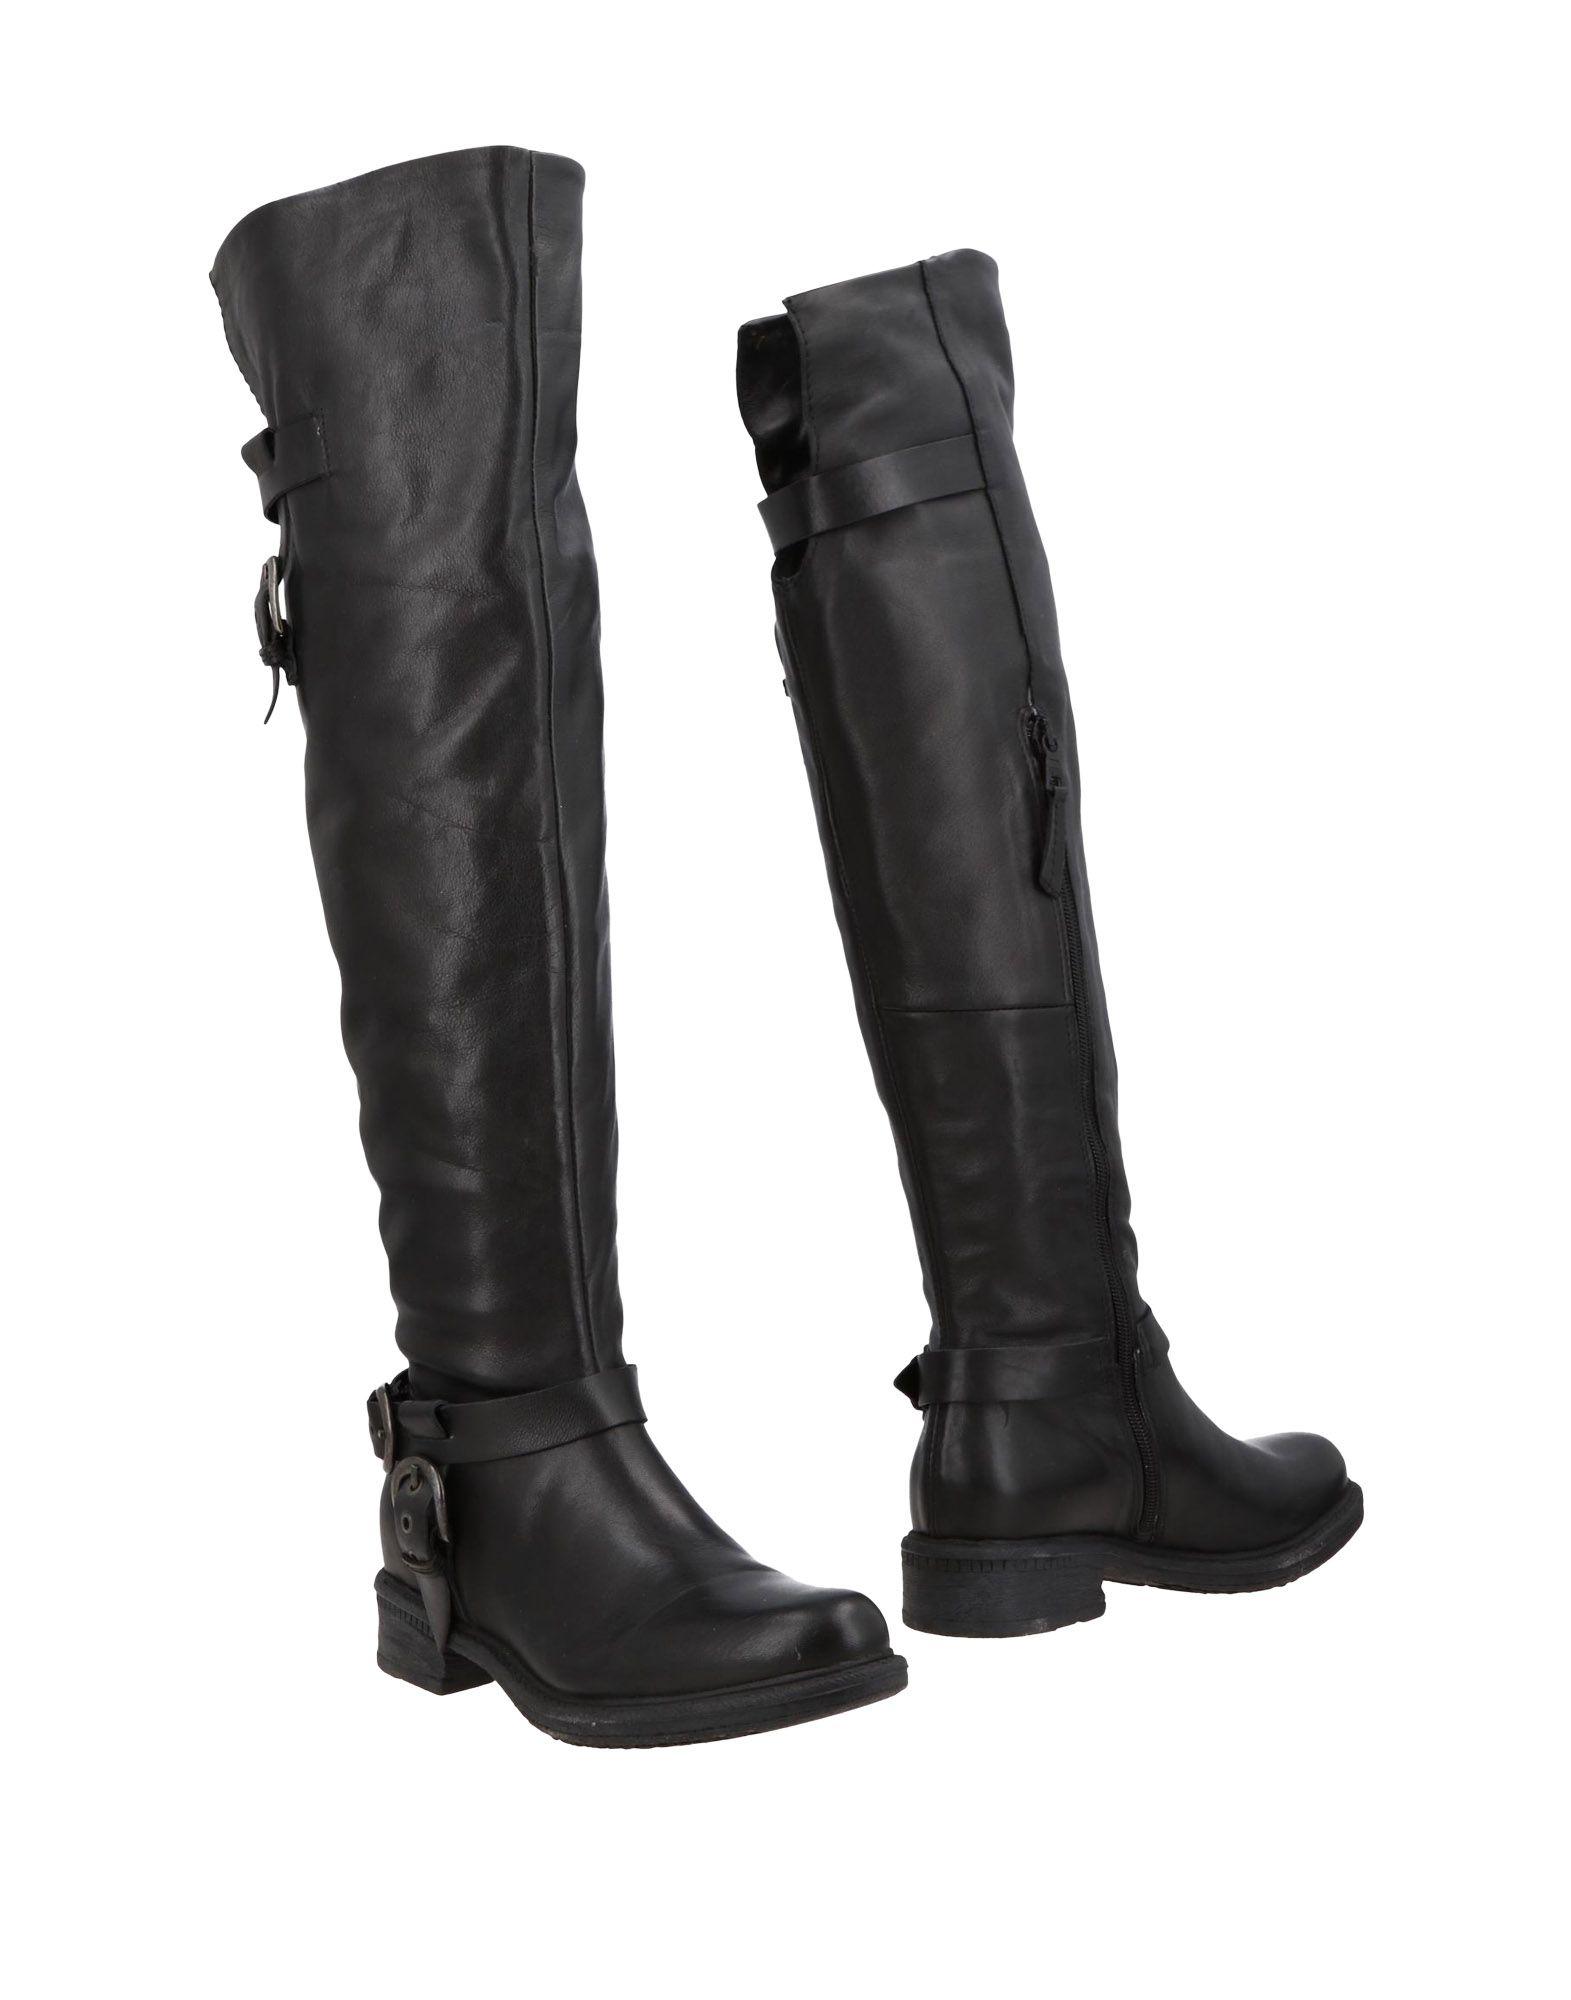 Mjus Stiefel Damen Schuhe  11481475MIGut aussehende strapazierfähige Schuhe Damen b89ec2